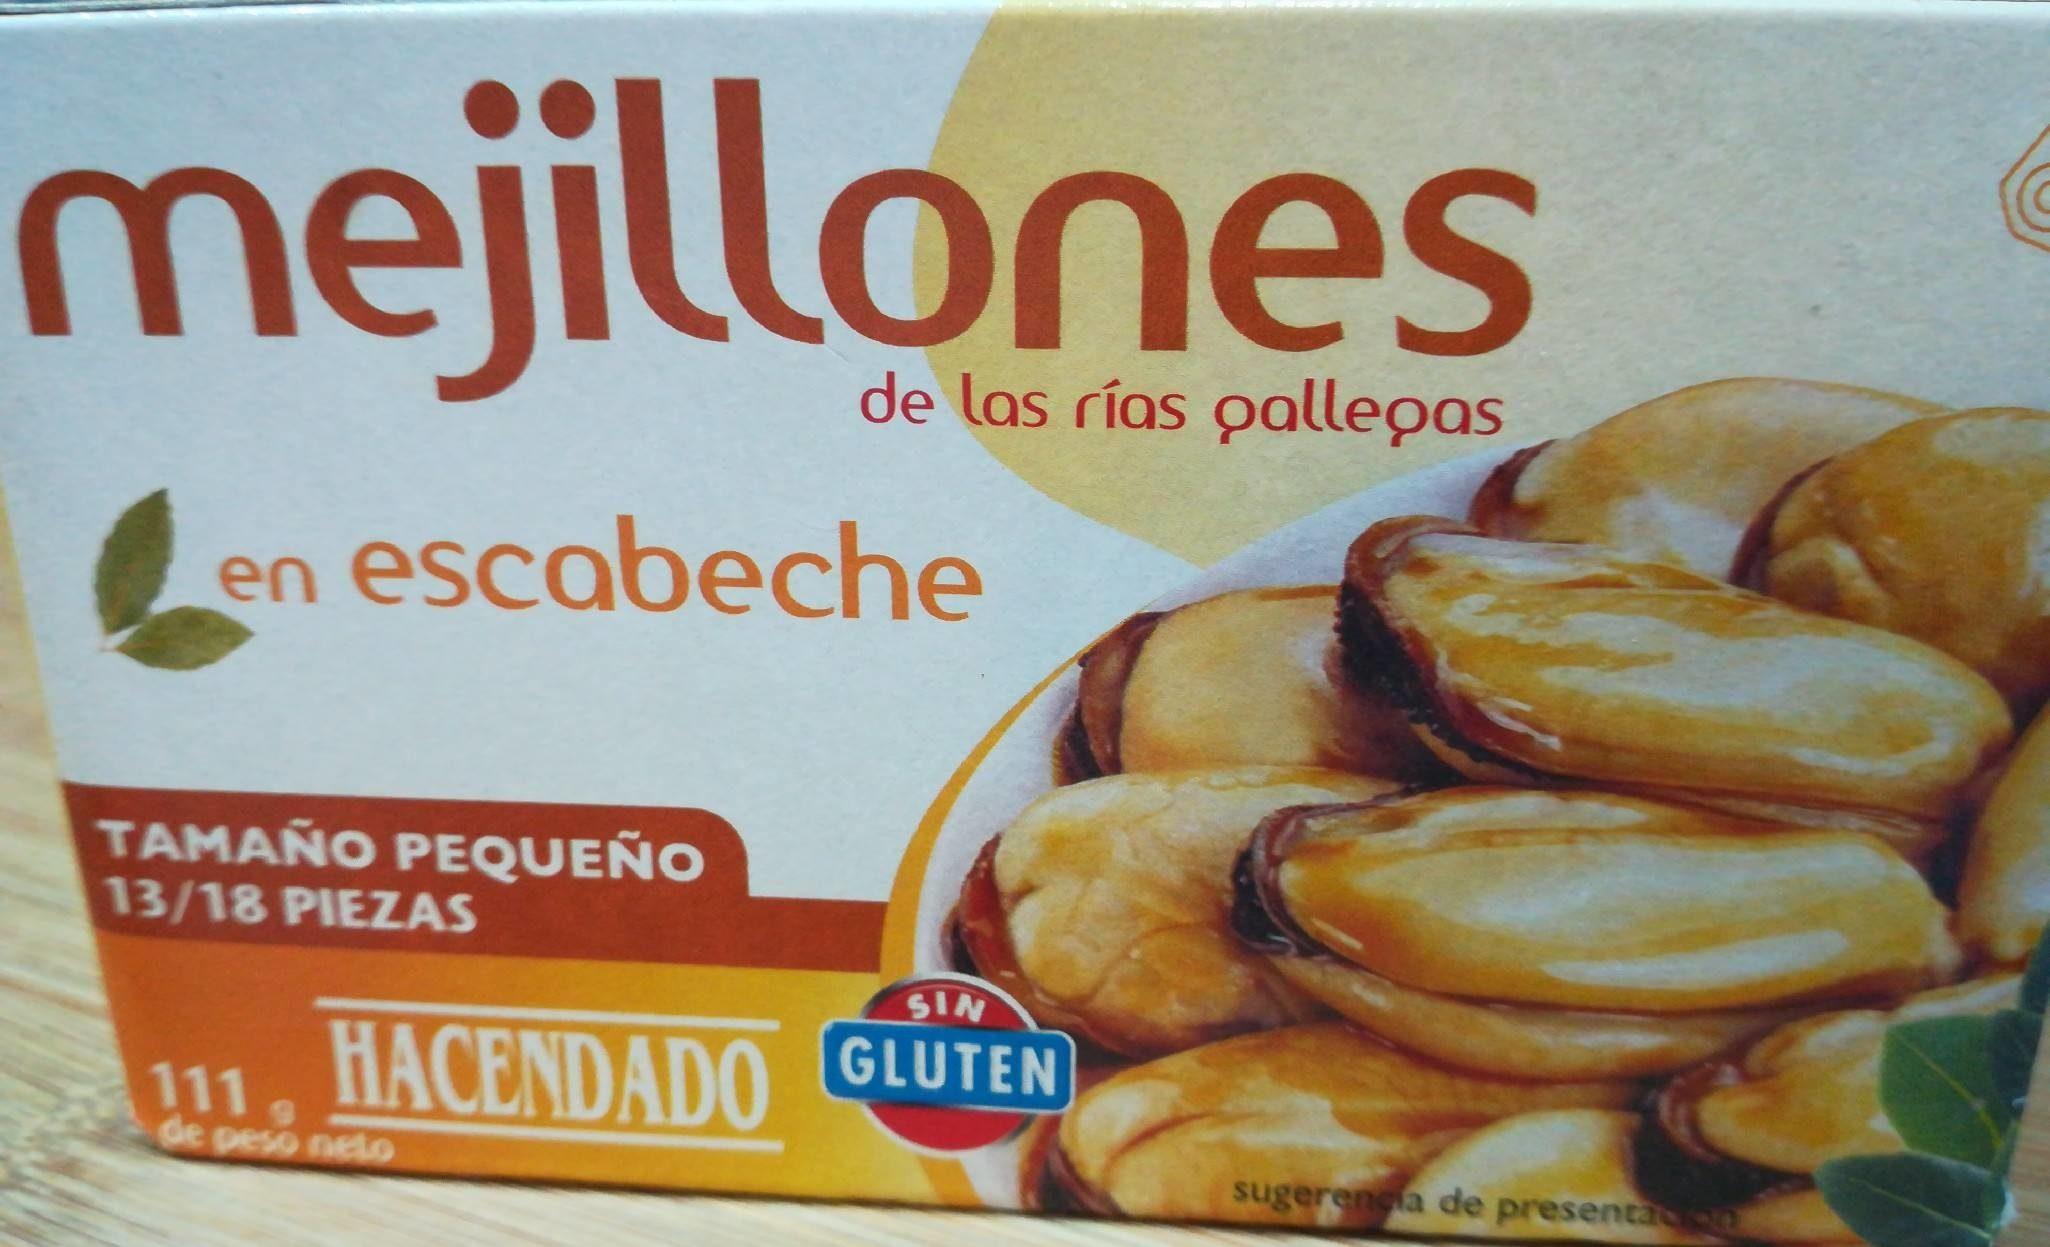 Mejillones en escabeche con aceite de girasol - Producto